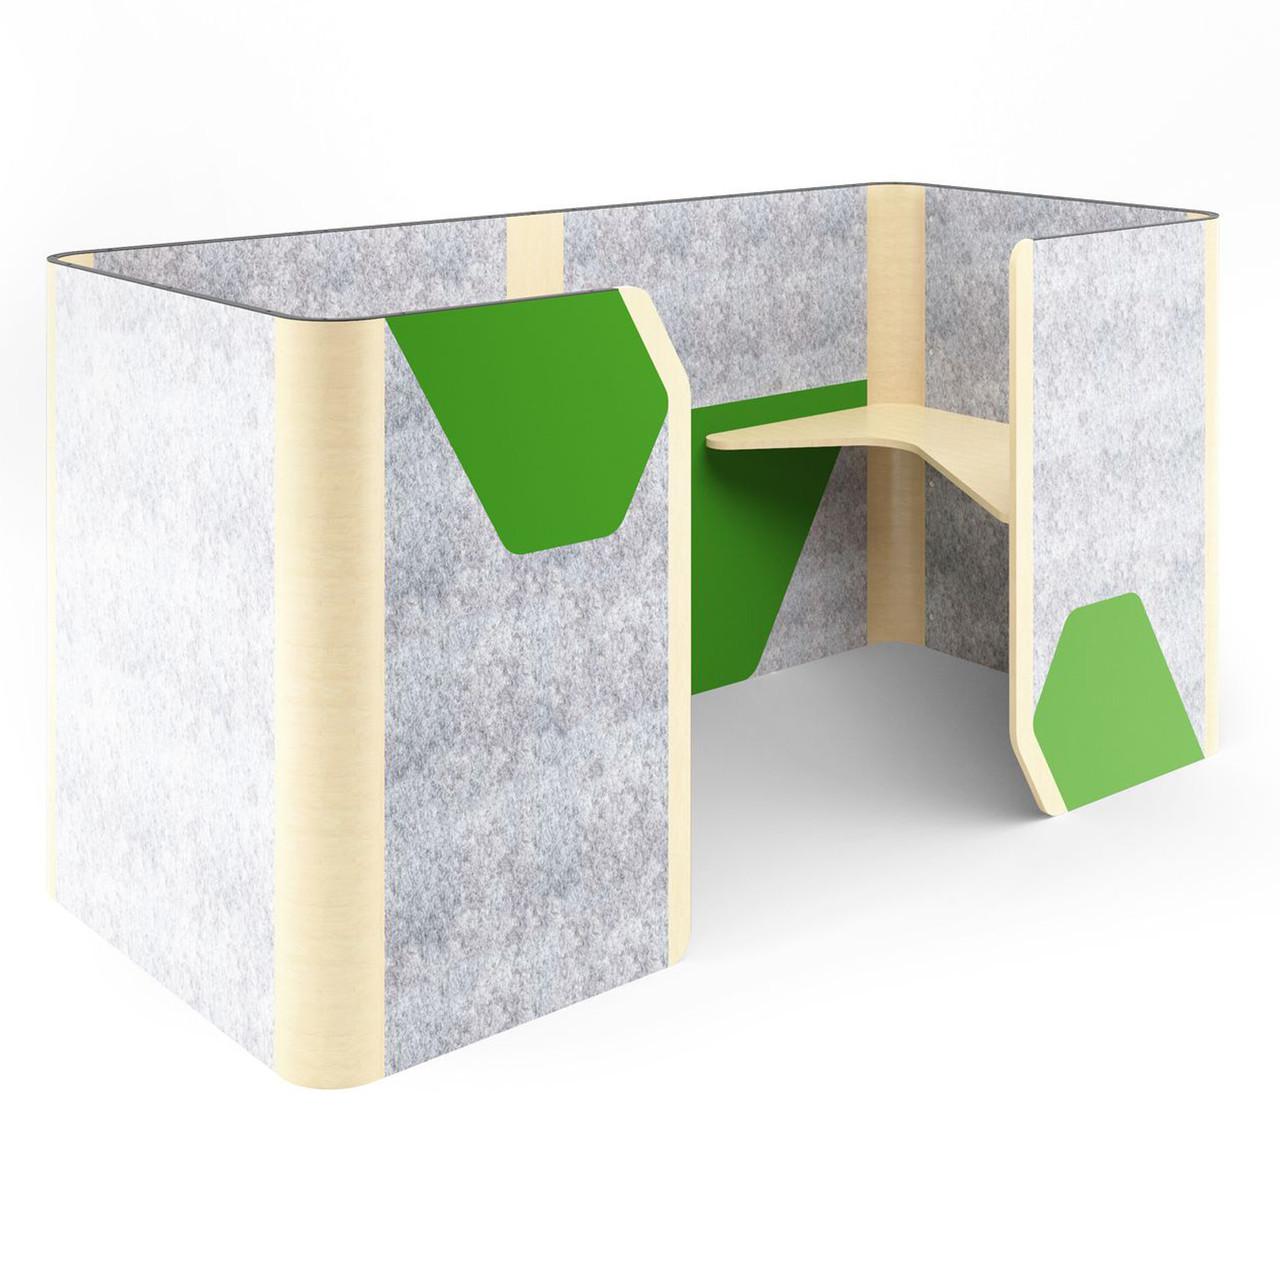 Кабина двойная Cobi фетр серый/фетр зеленый черный графит